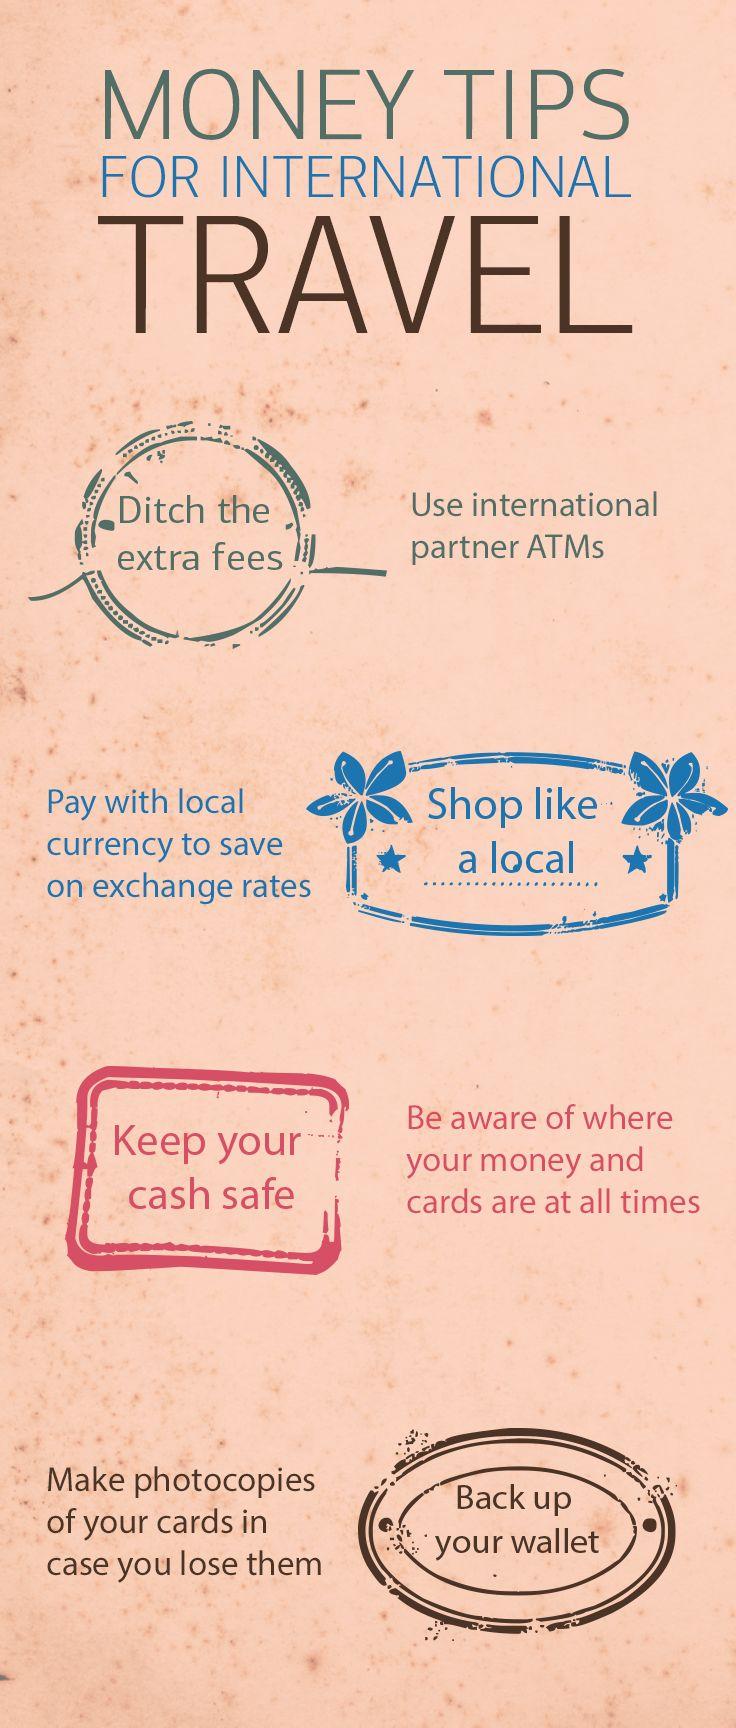 Best money options for international travel